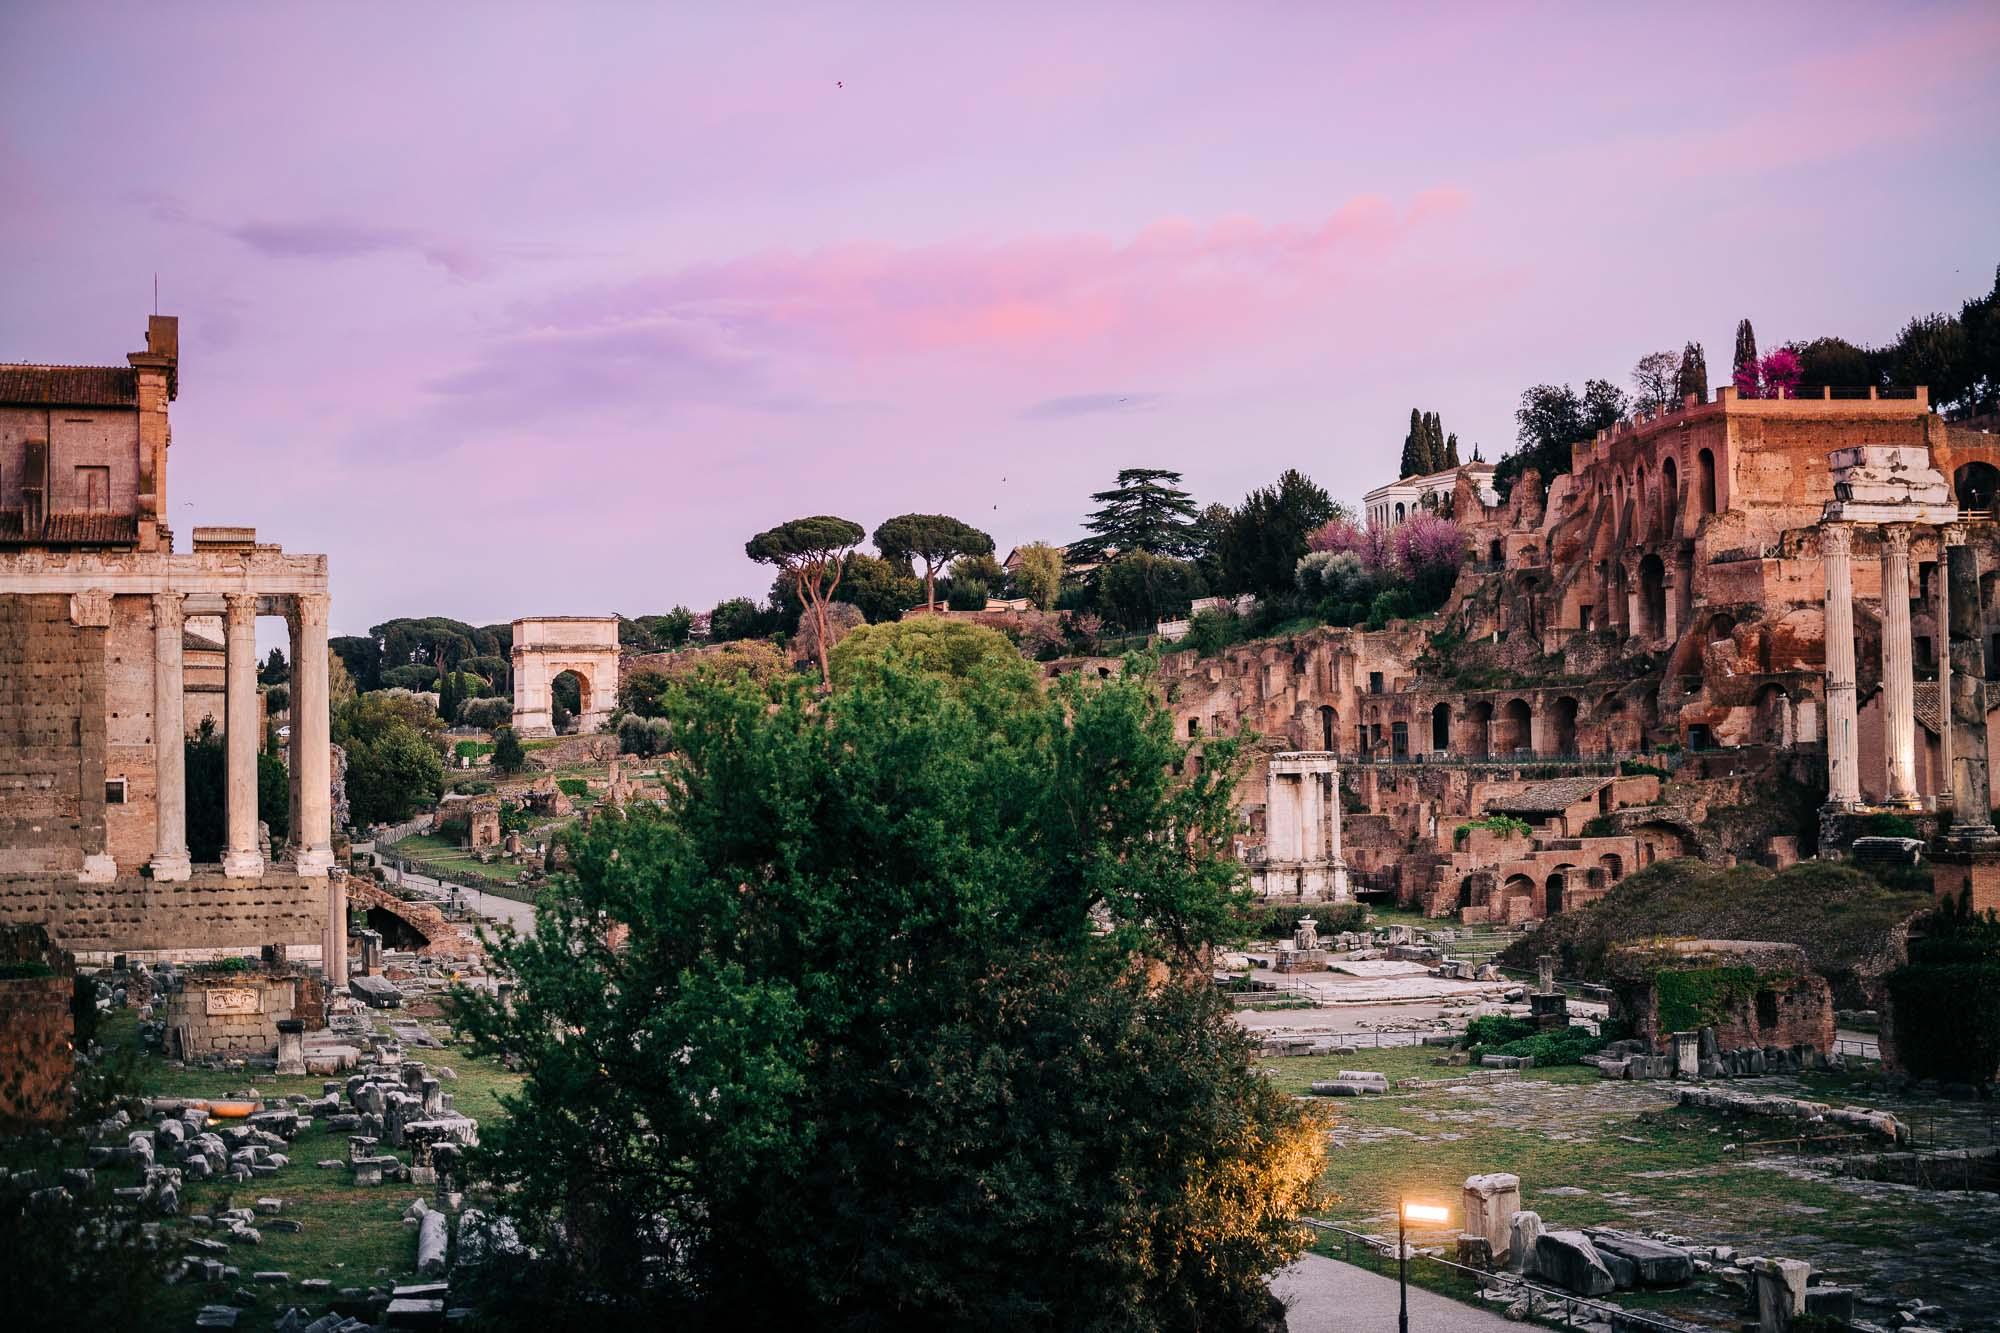 Rome_anniversary_photoshoot-1864.jpg